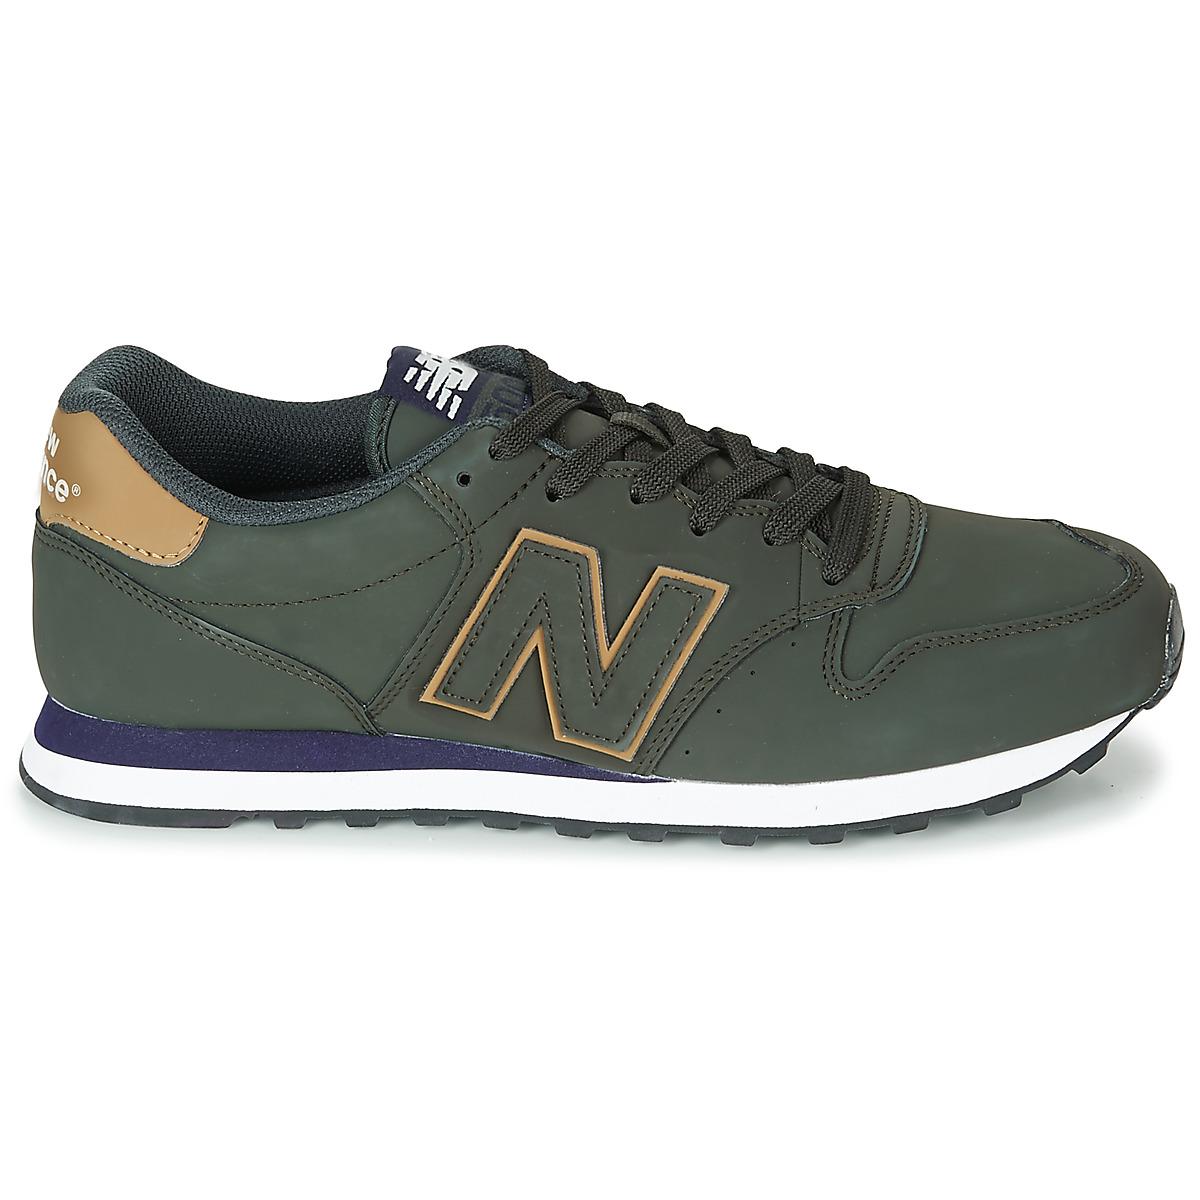 new balance 500 scarpe donna